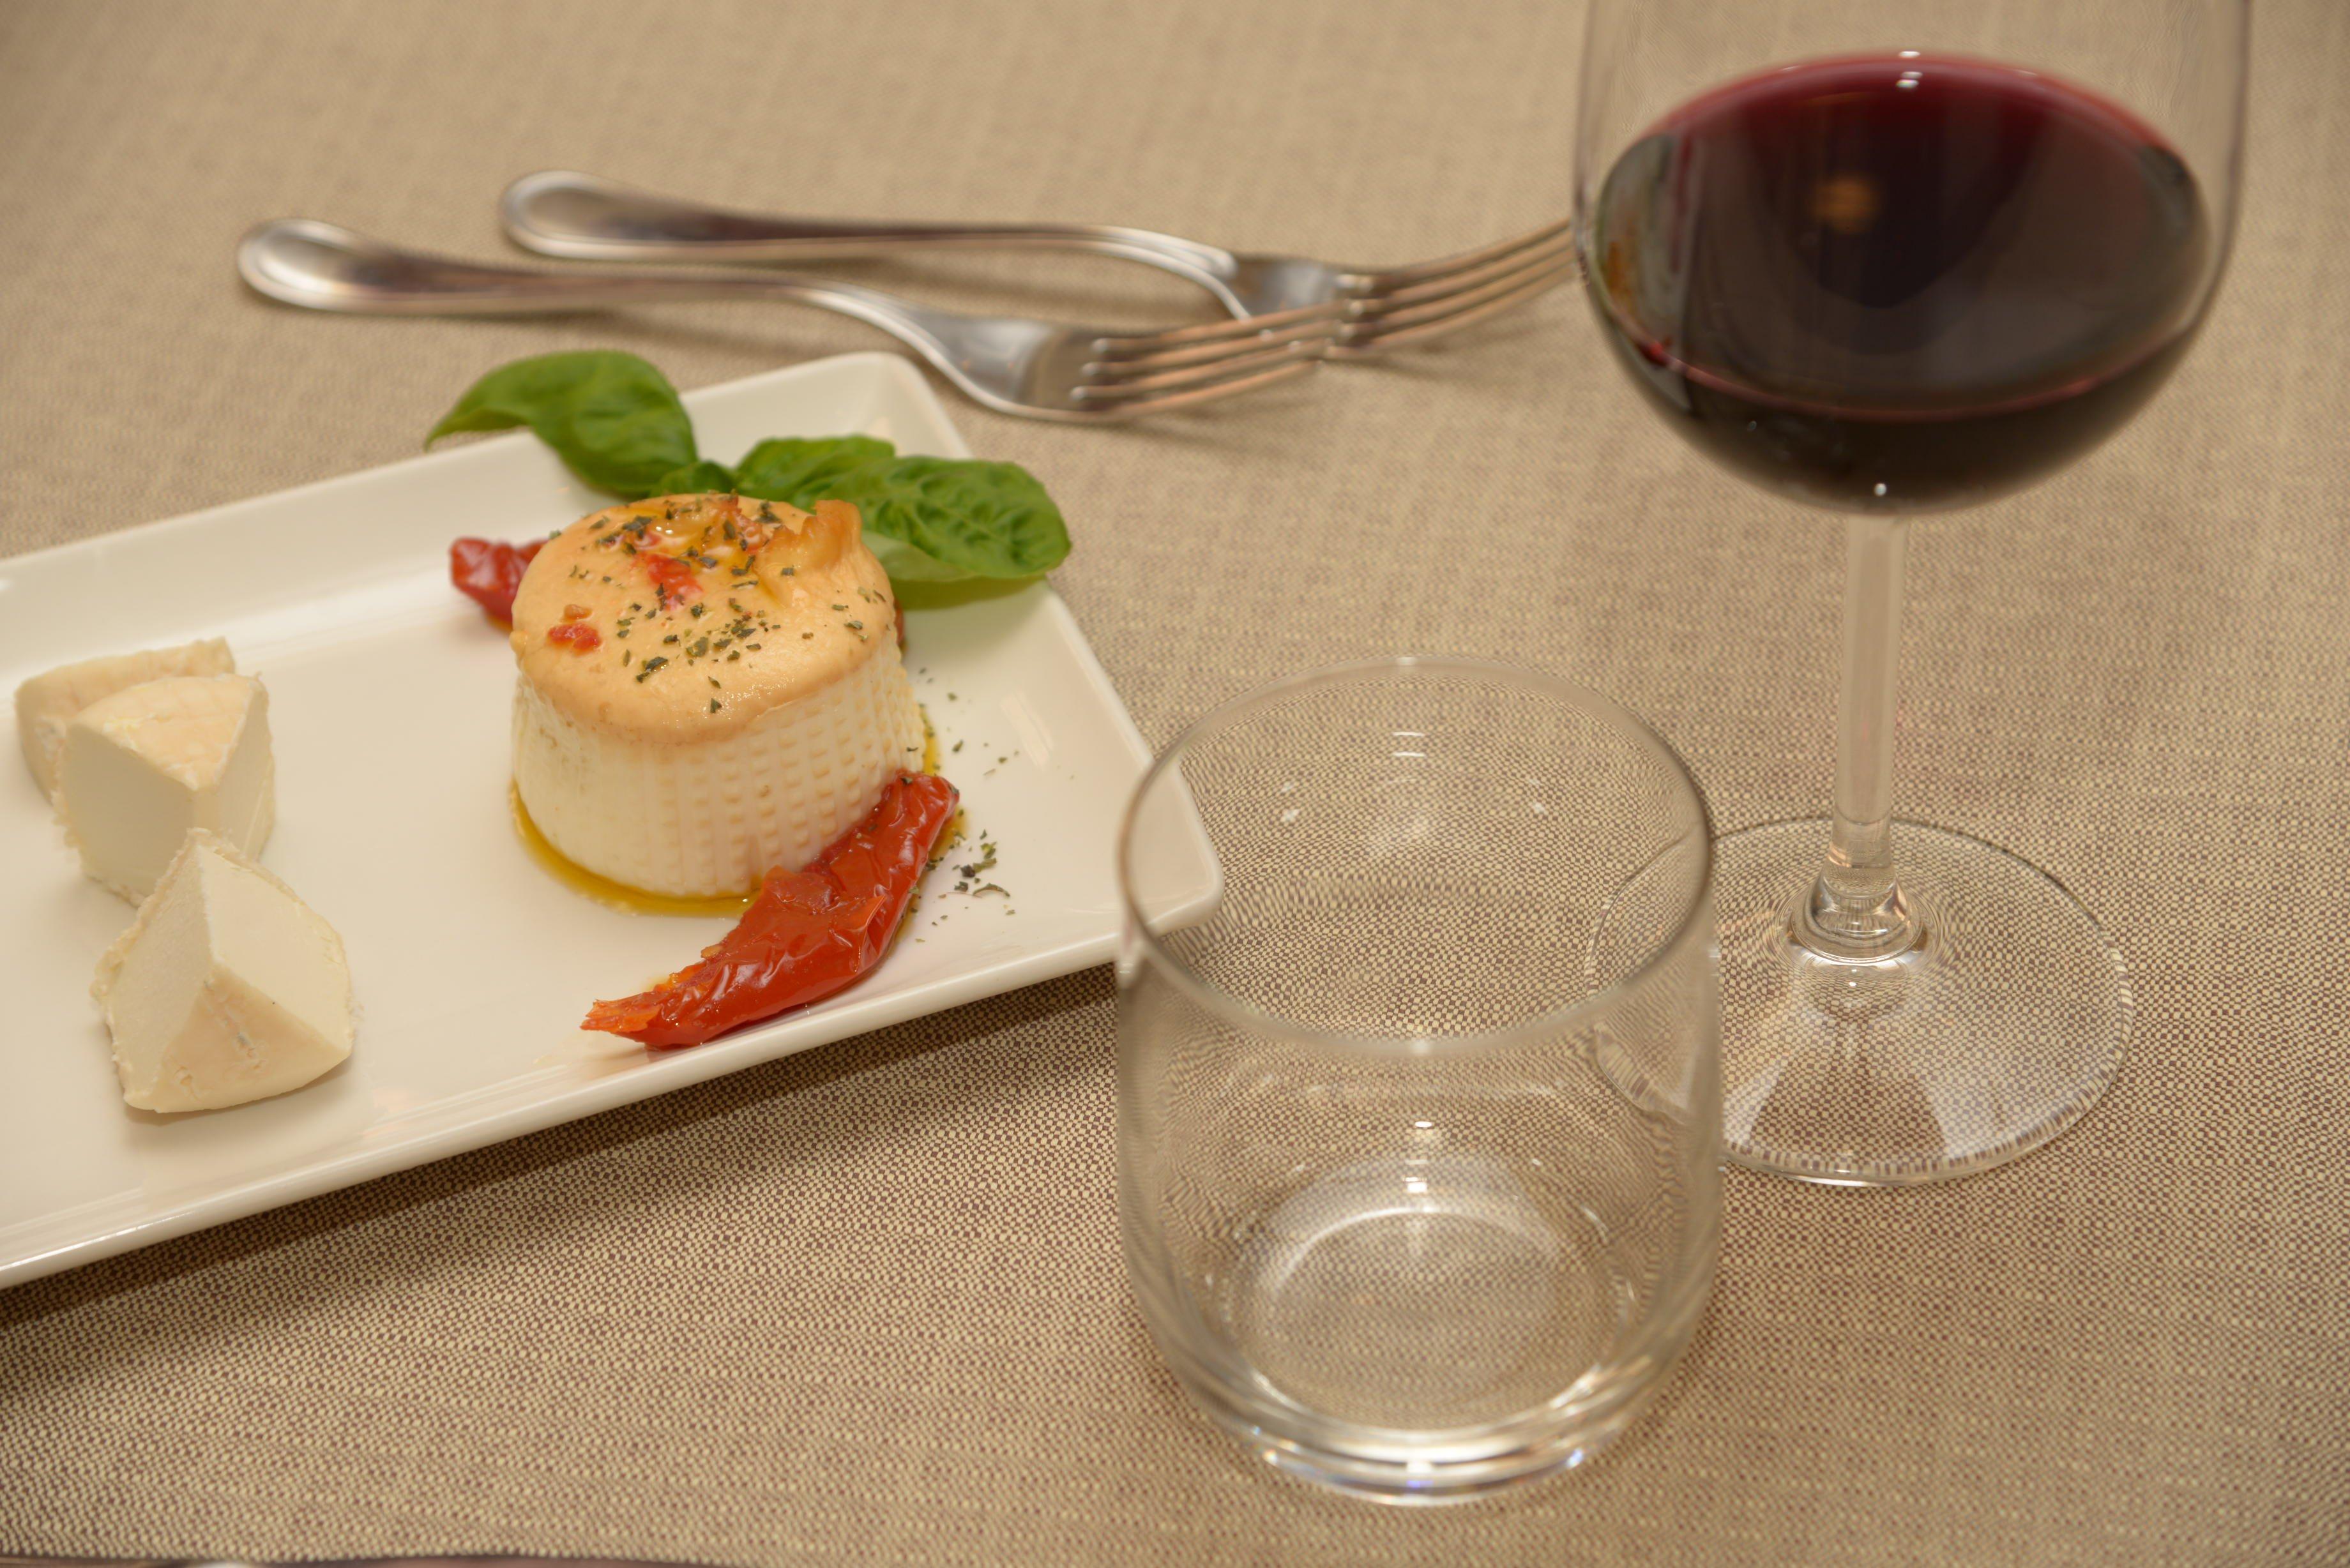 Tipicit romane roma ristorante la tavernaccia da bruno for Ricette romane antiche